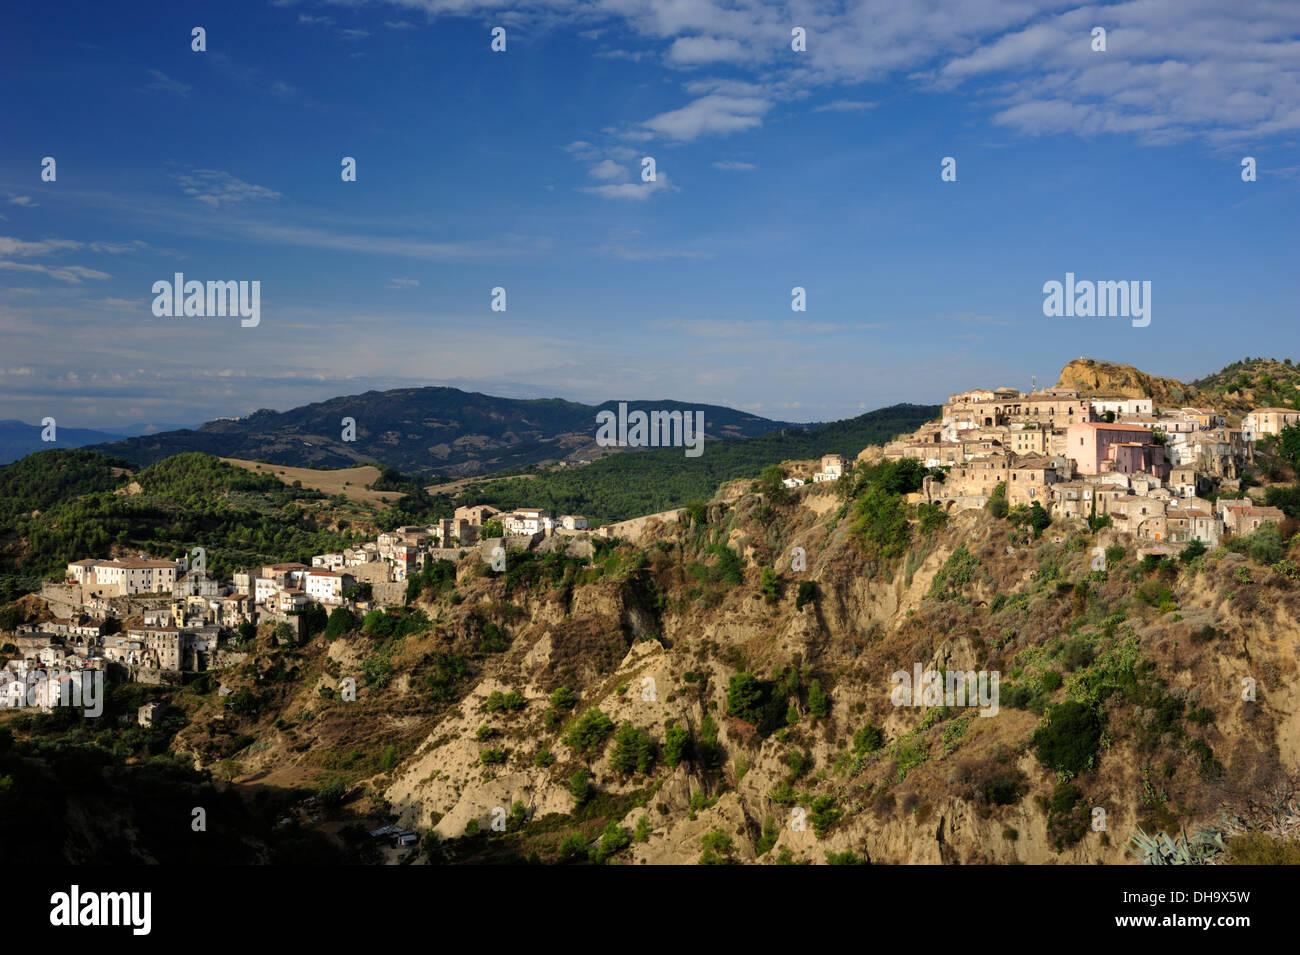 italy, basilicata, tursi, the ancient arab village called rabatana - Stock Image